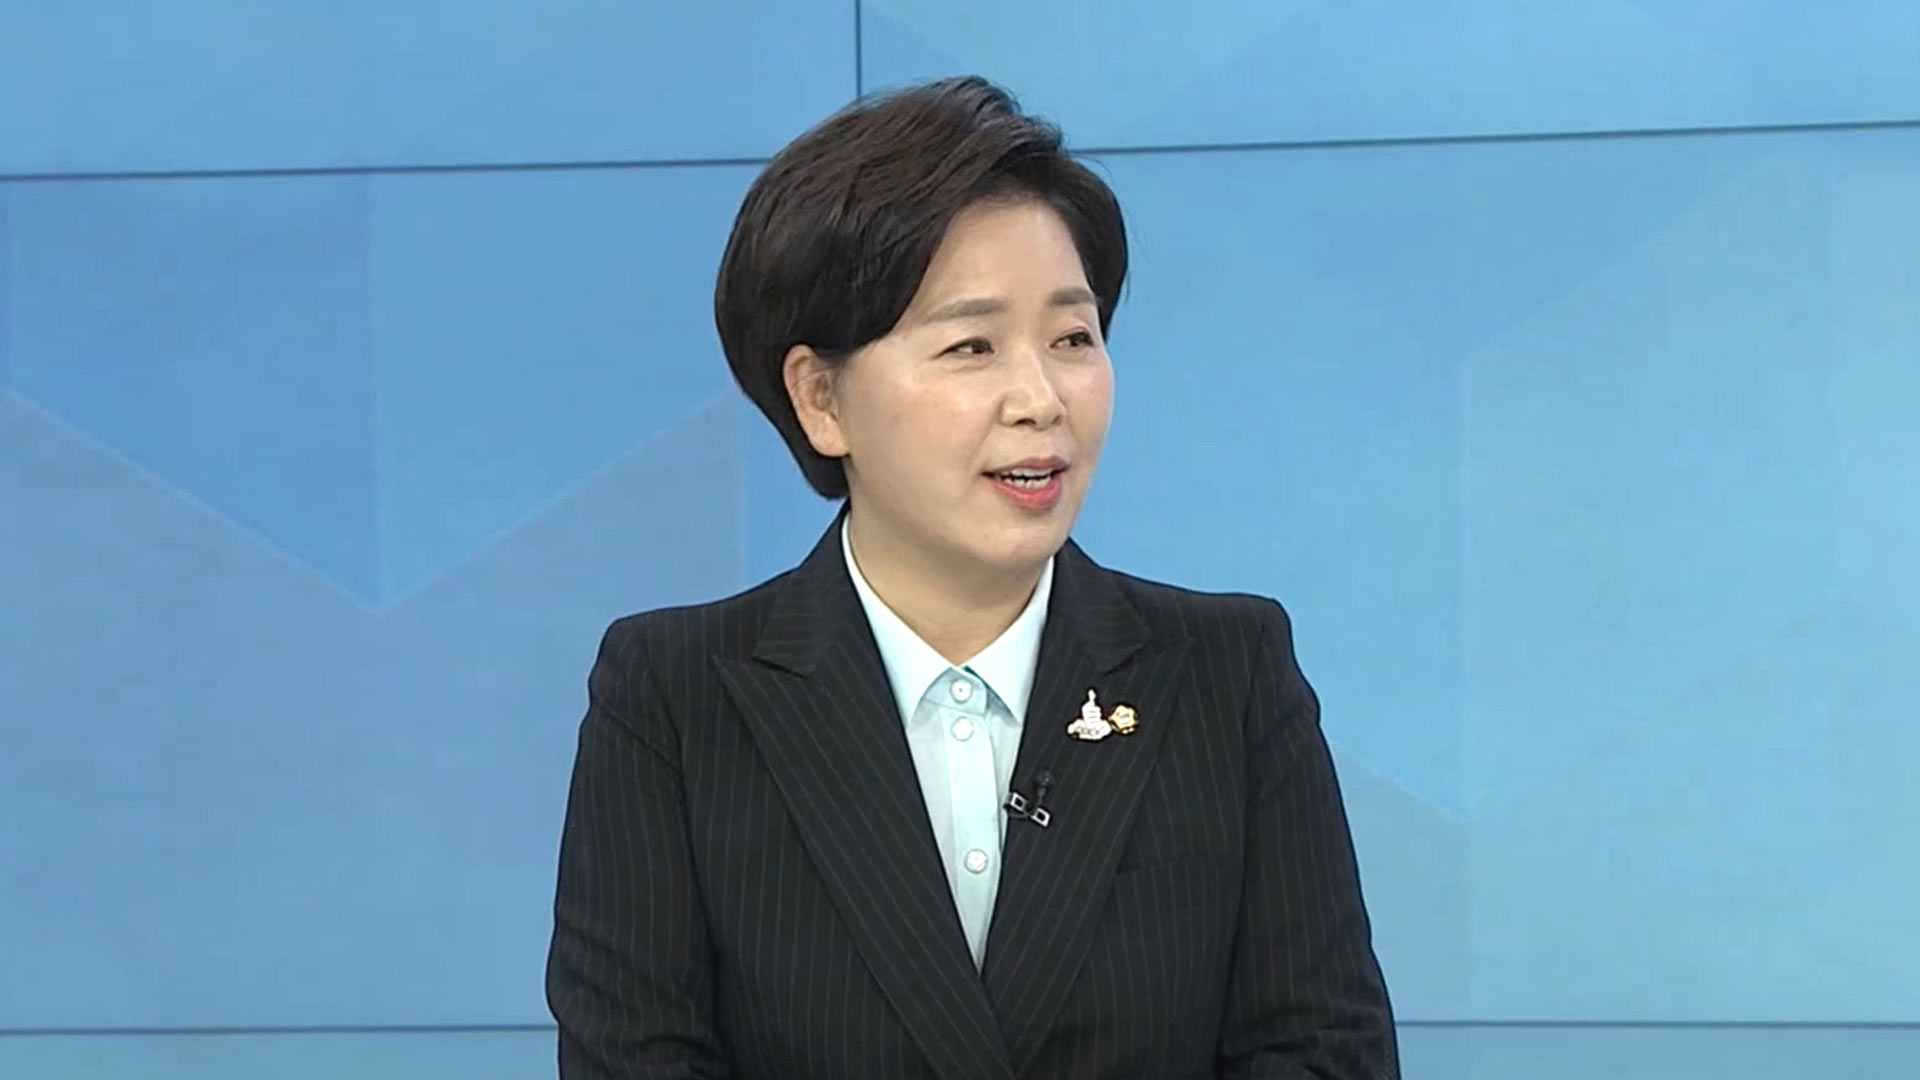 민주당, 양향자 지역사무실 직원 성폭행 의혹에 사과